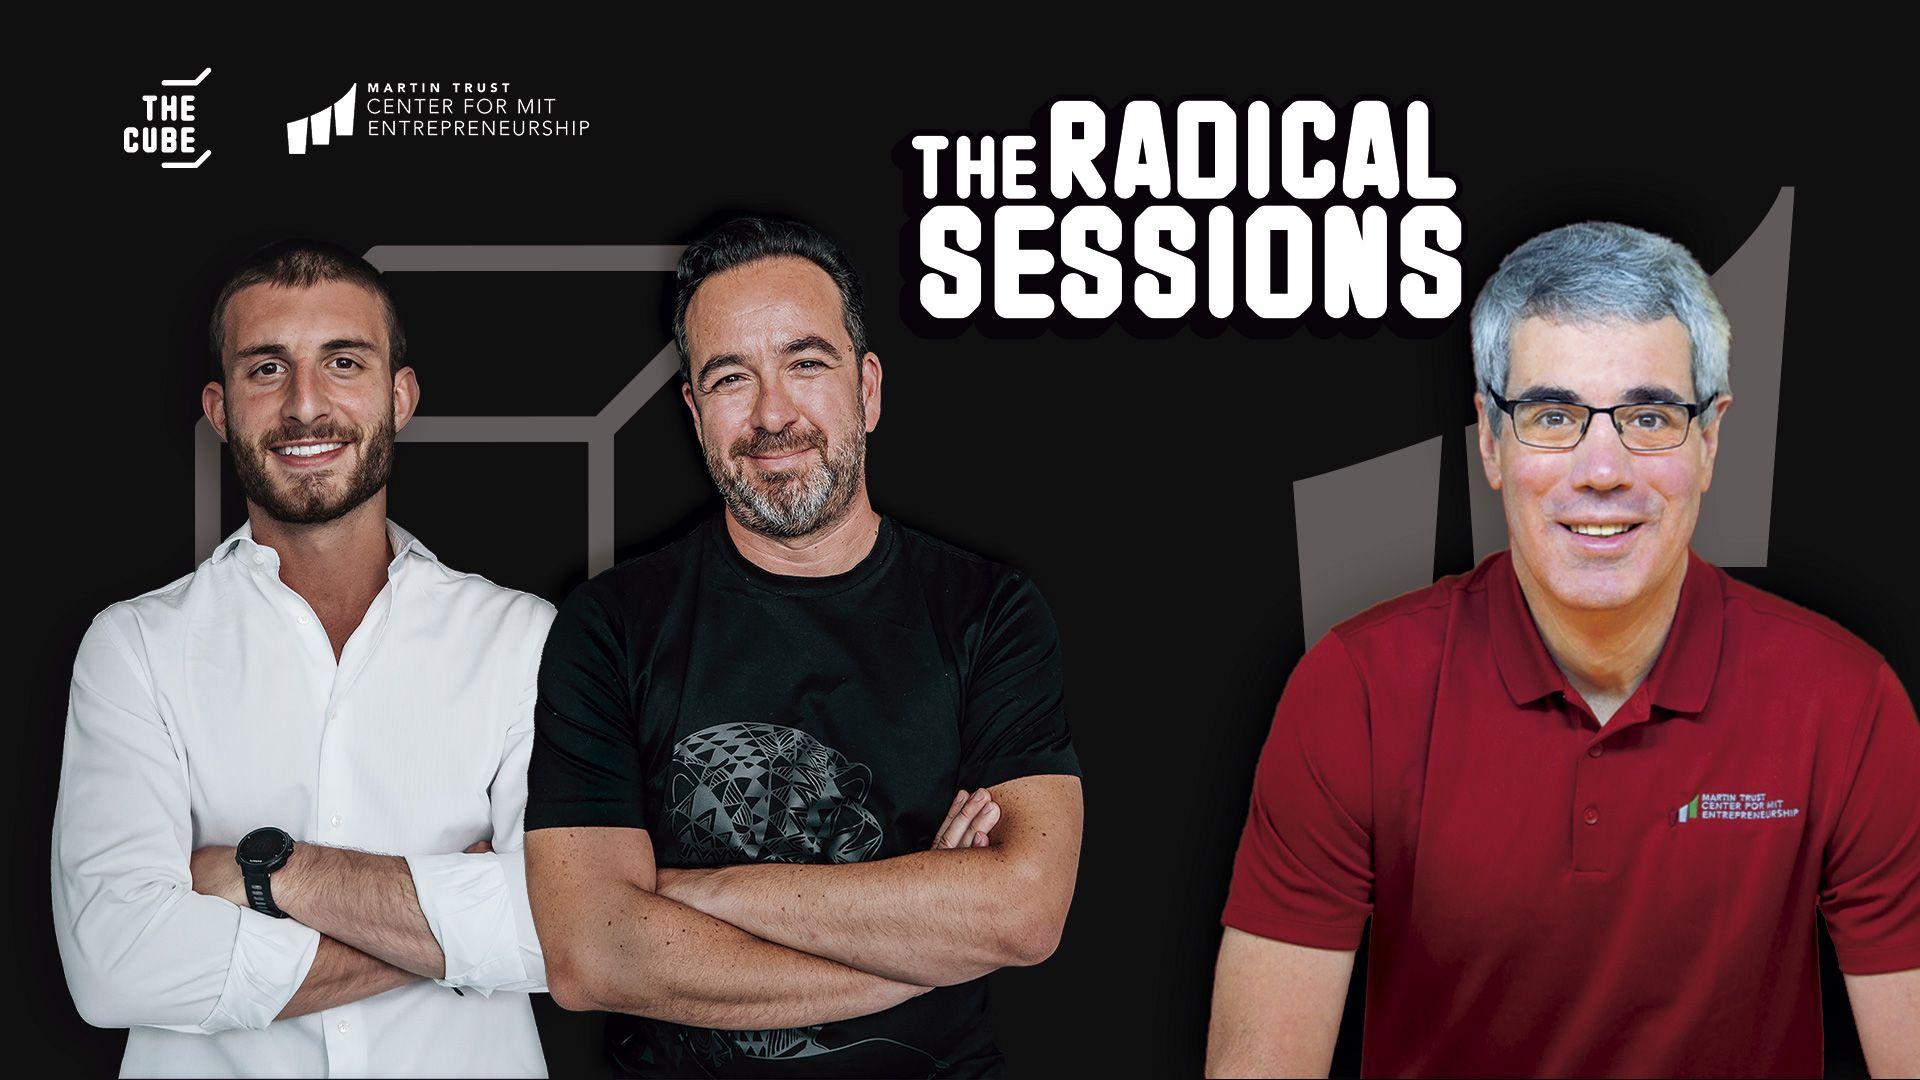 TheCUBE, en colaboración con el MIT, lidera la conversación sobre innovación radical con su primera edición de #TheRadicalSessions